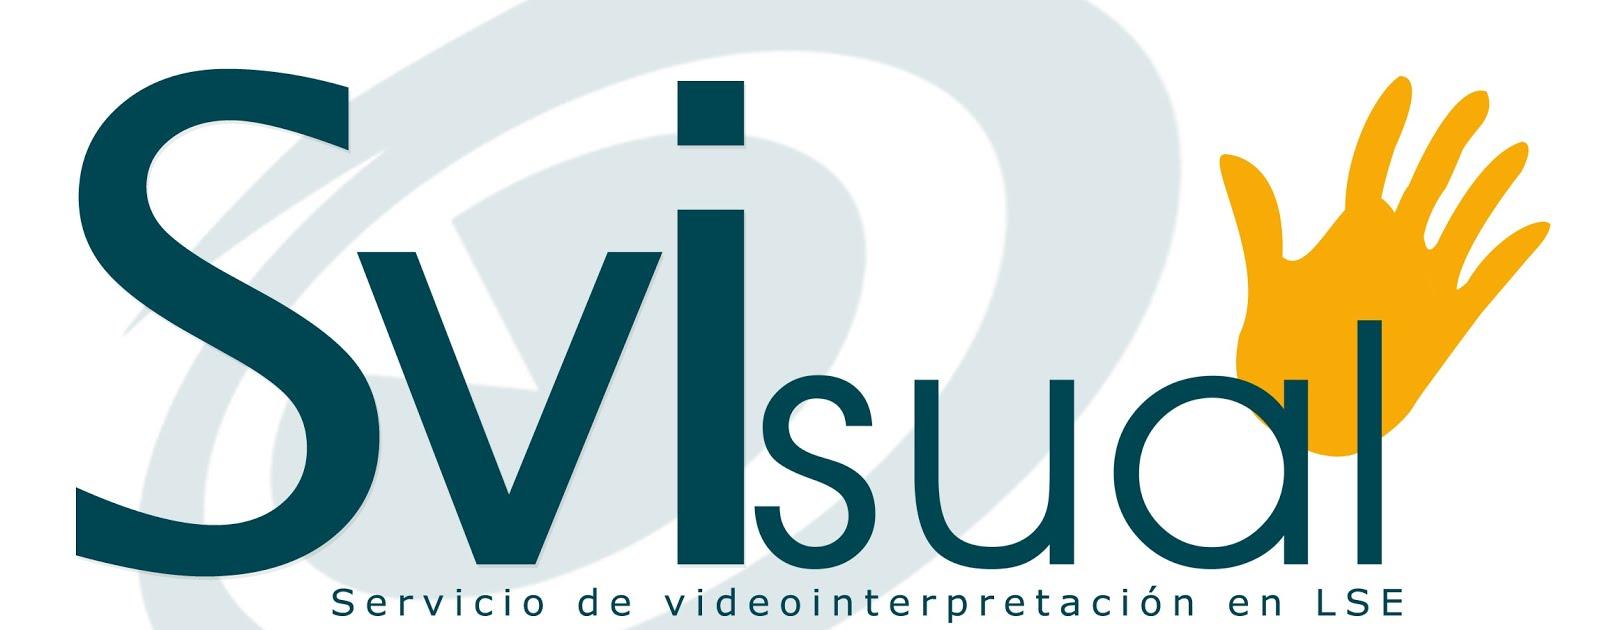 SERVICIO VIDEOINTERPRETACION LSE